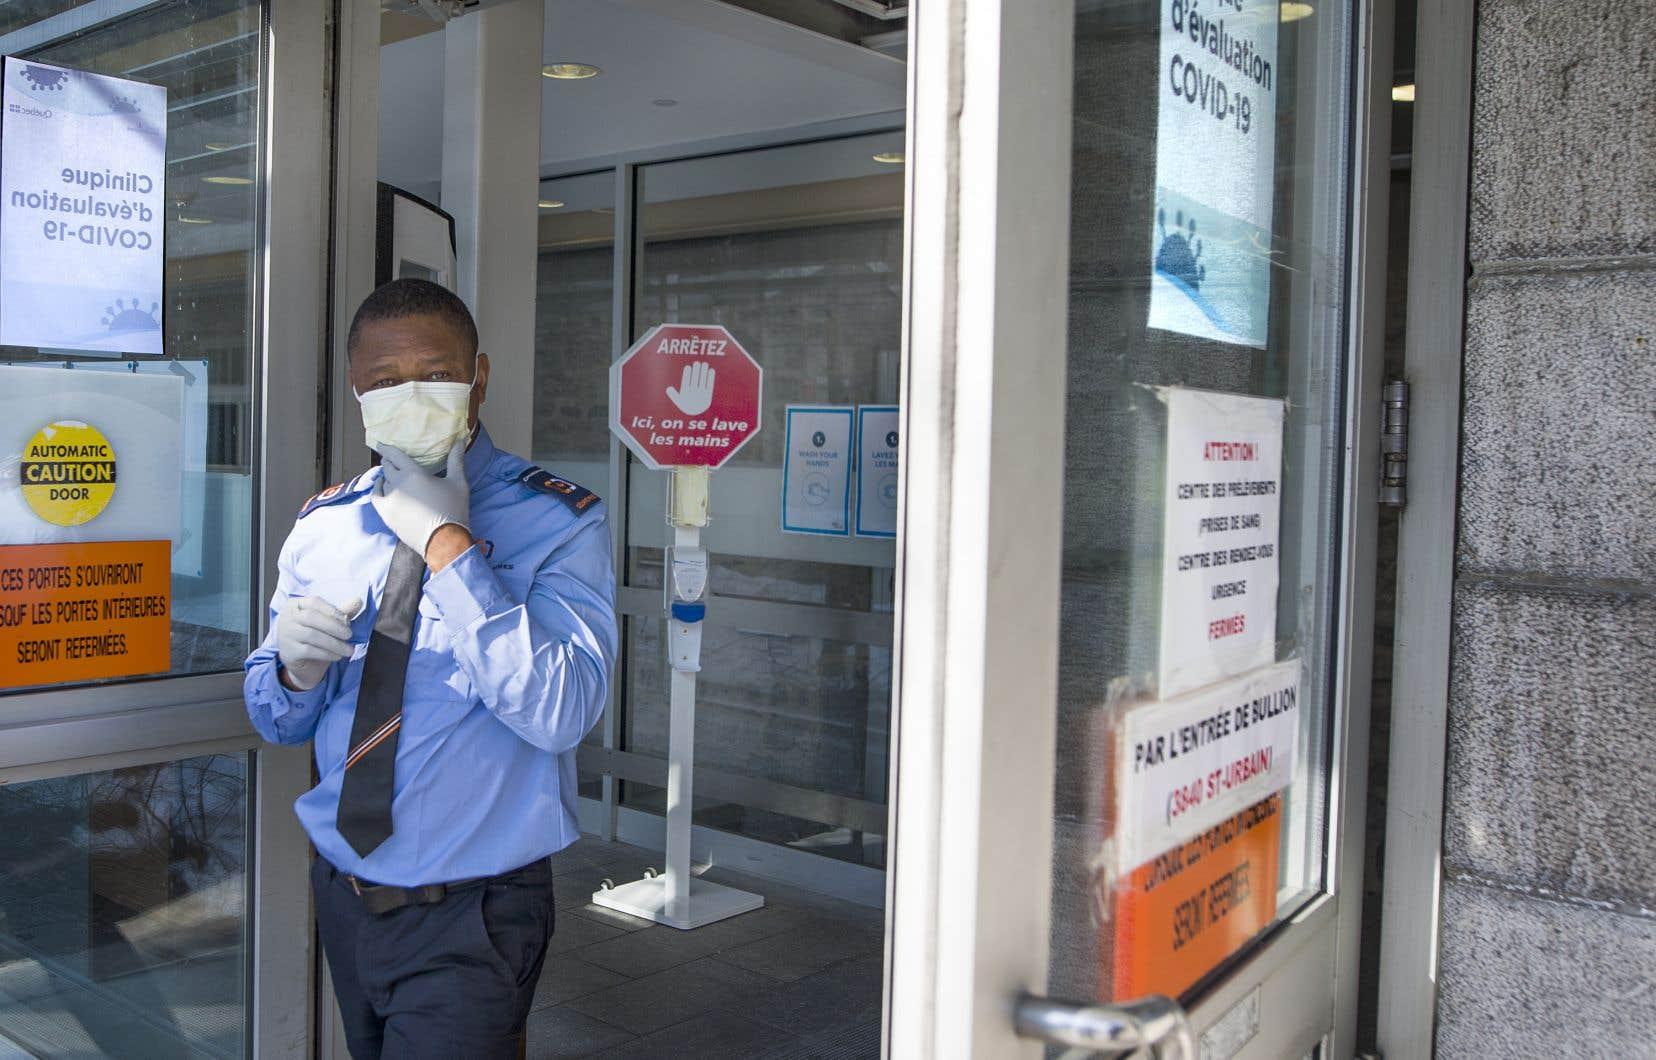 Lundi, une première clinique vouée expressément au dépistage de la COVID-19 a ouvert ses portes dans l'ancienne urgence de l'Hôtel-Dieu de Montréal. Trois infirmières et un médecin y prodigueront des services douze heures par jour.